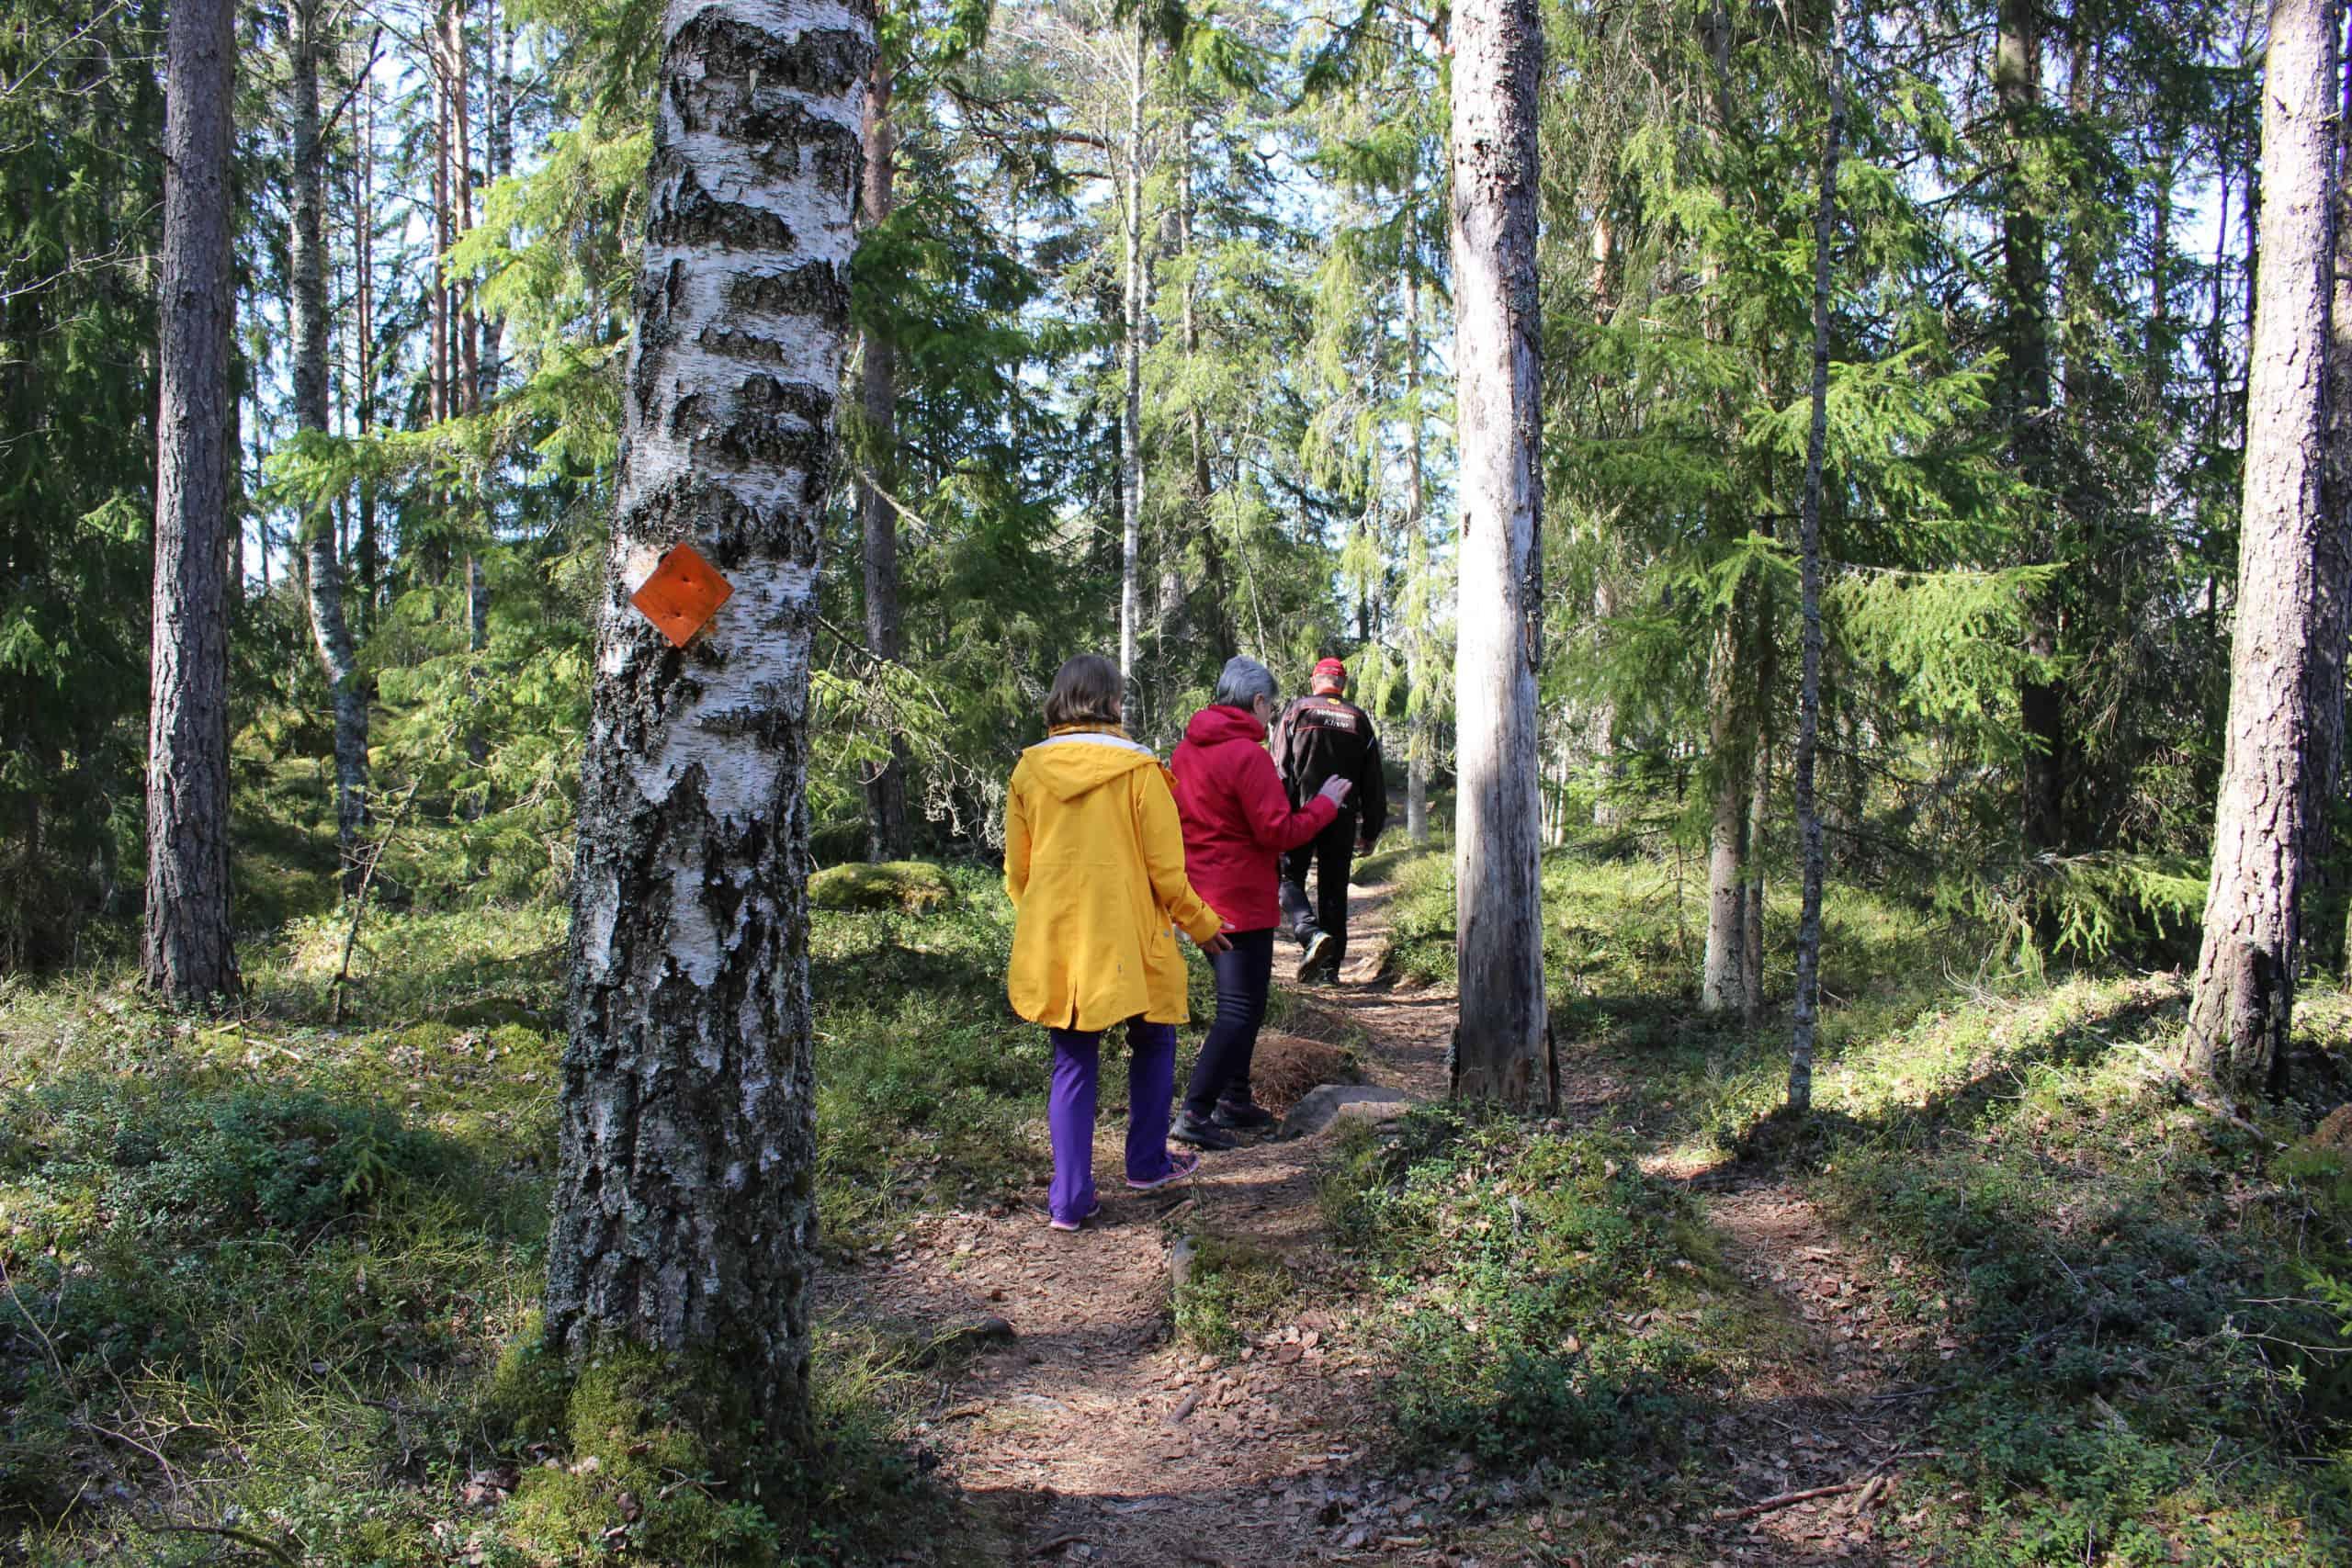 Retkeilijöitä kävelemässä Tummamäen luontopolulla